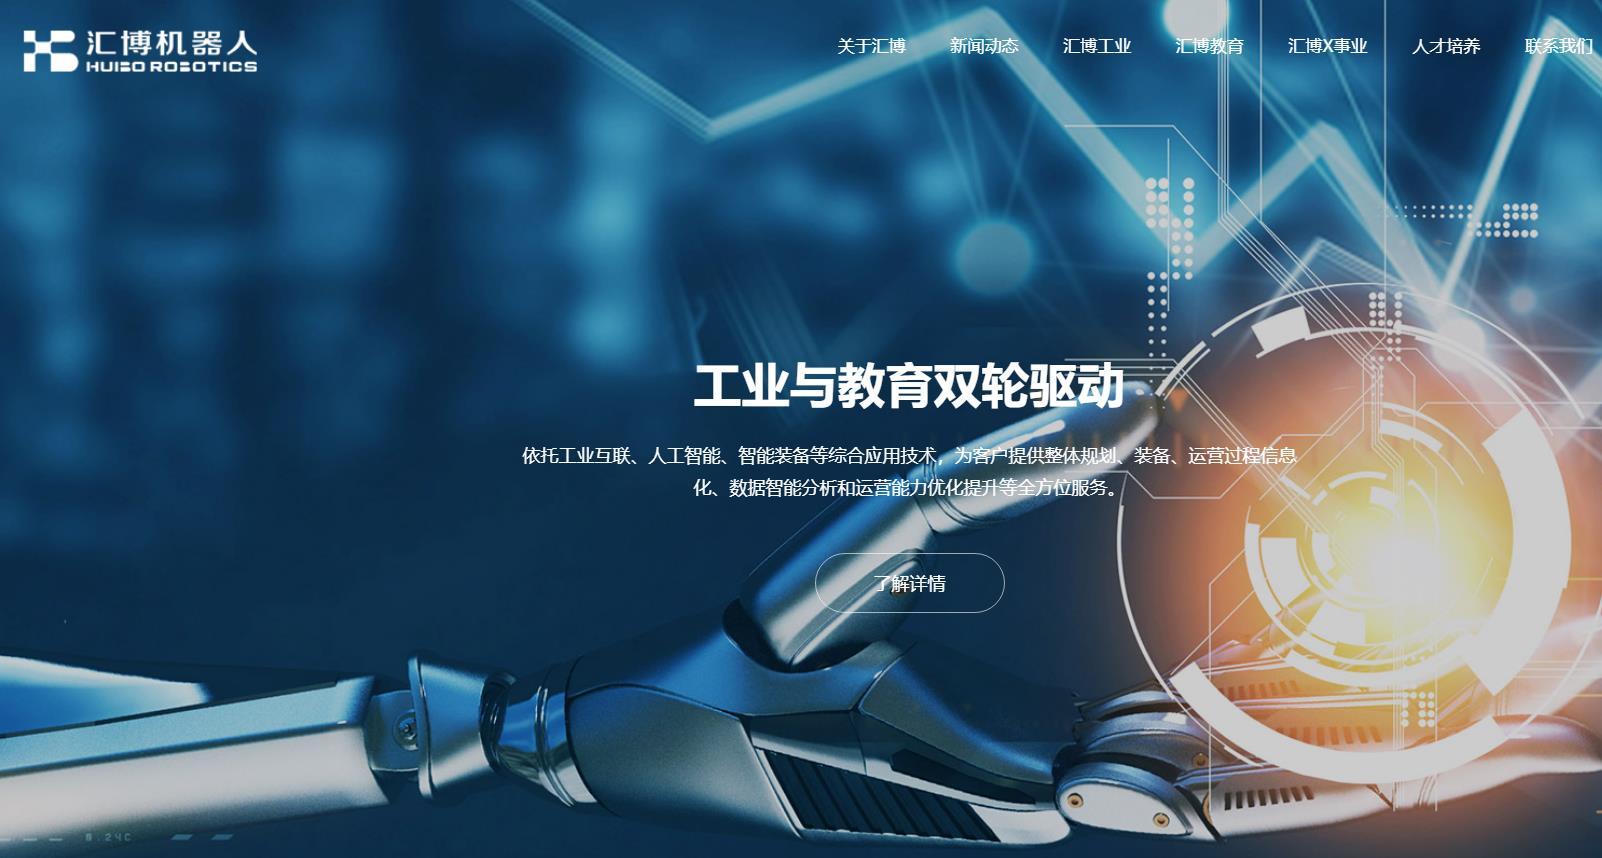 江苏汇博机器人技术股份有限公司机器人生产及研发基地